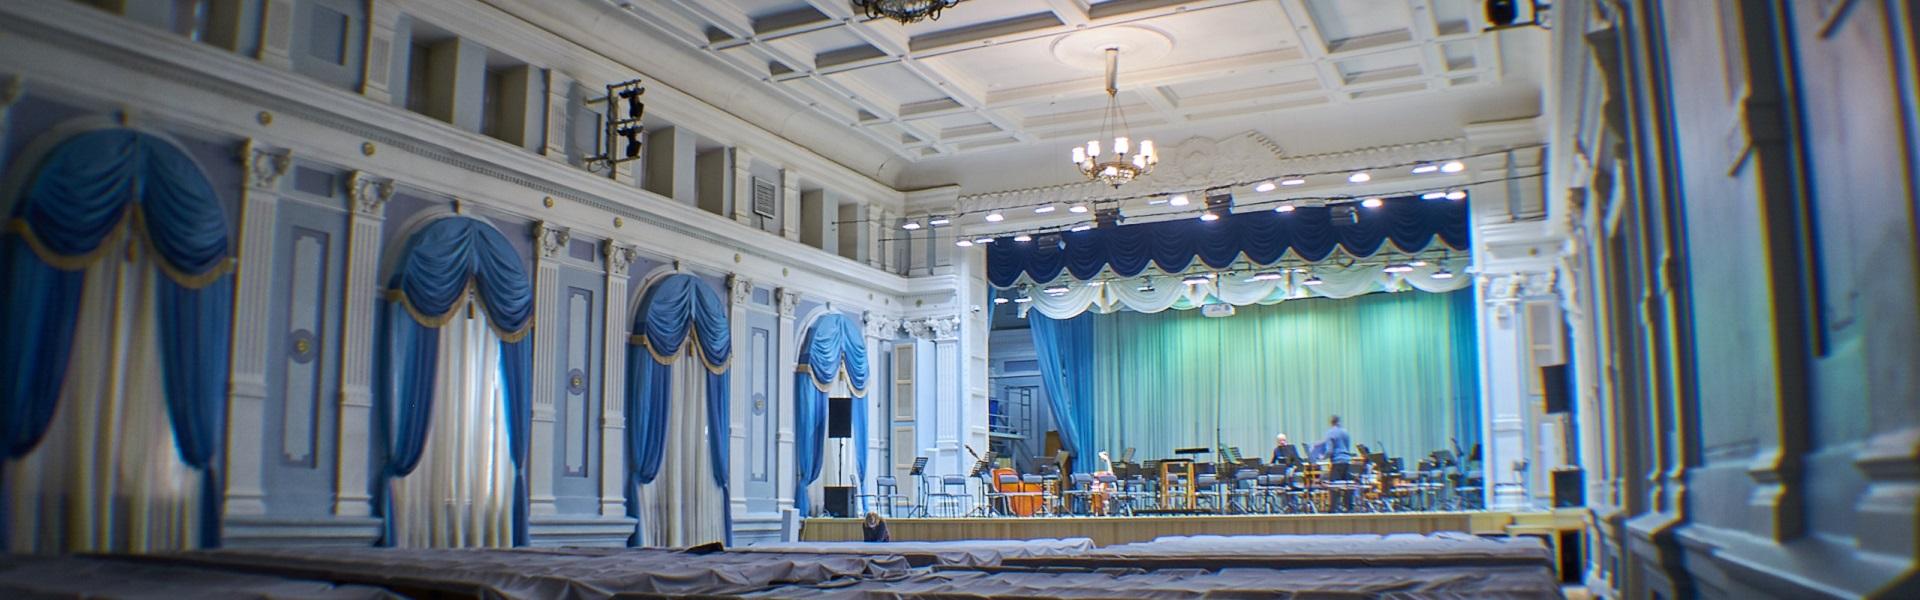 Театры ждут зрителя: как пережили ограничения и подготовились к открытию